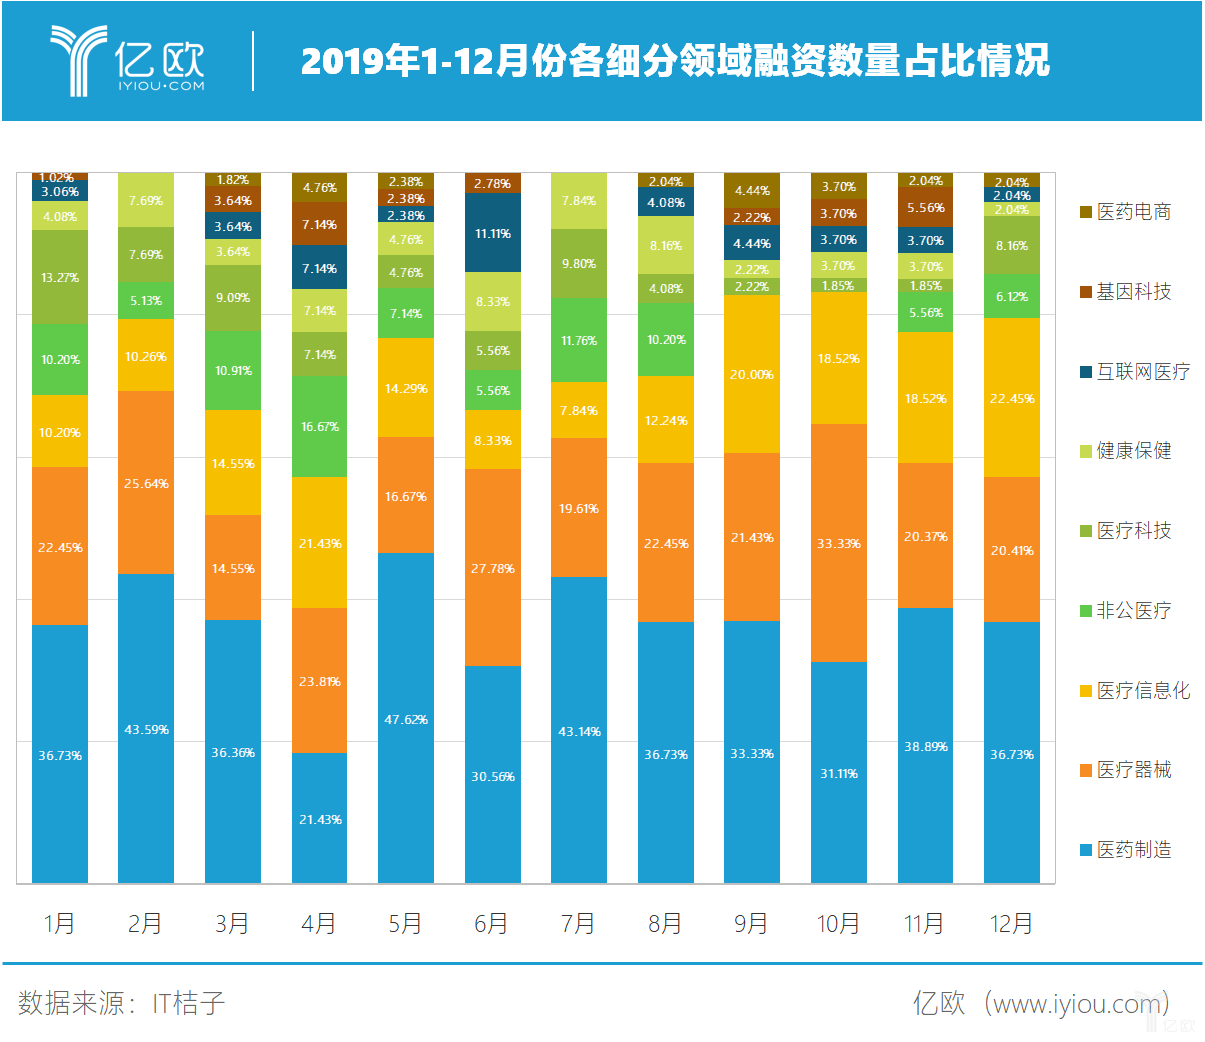 2019年各月份融资情况.png